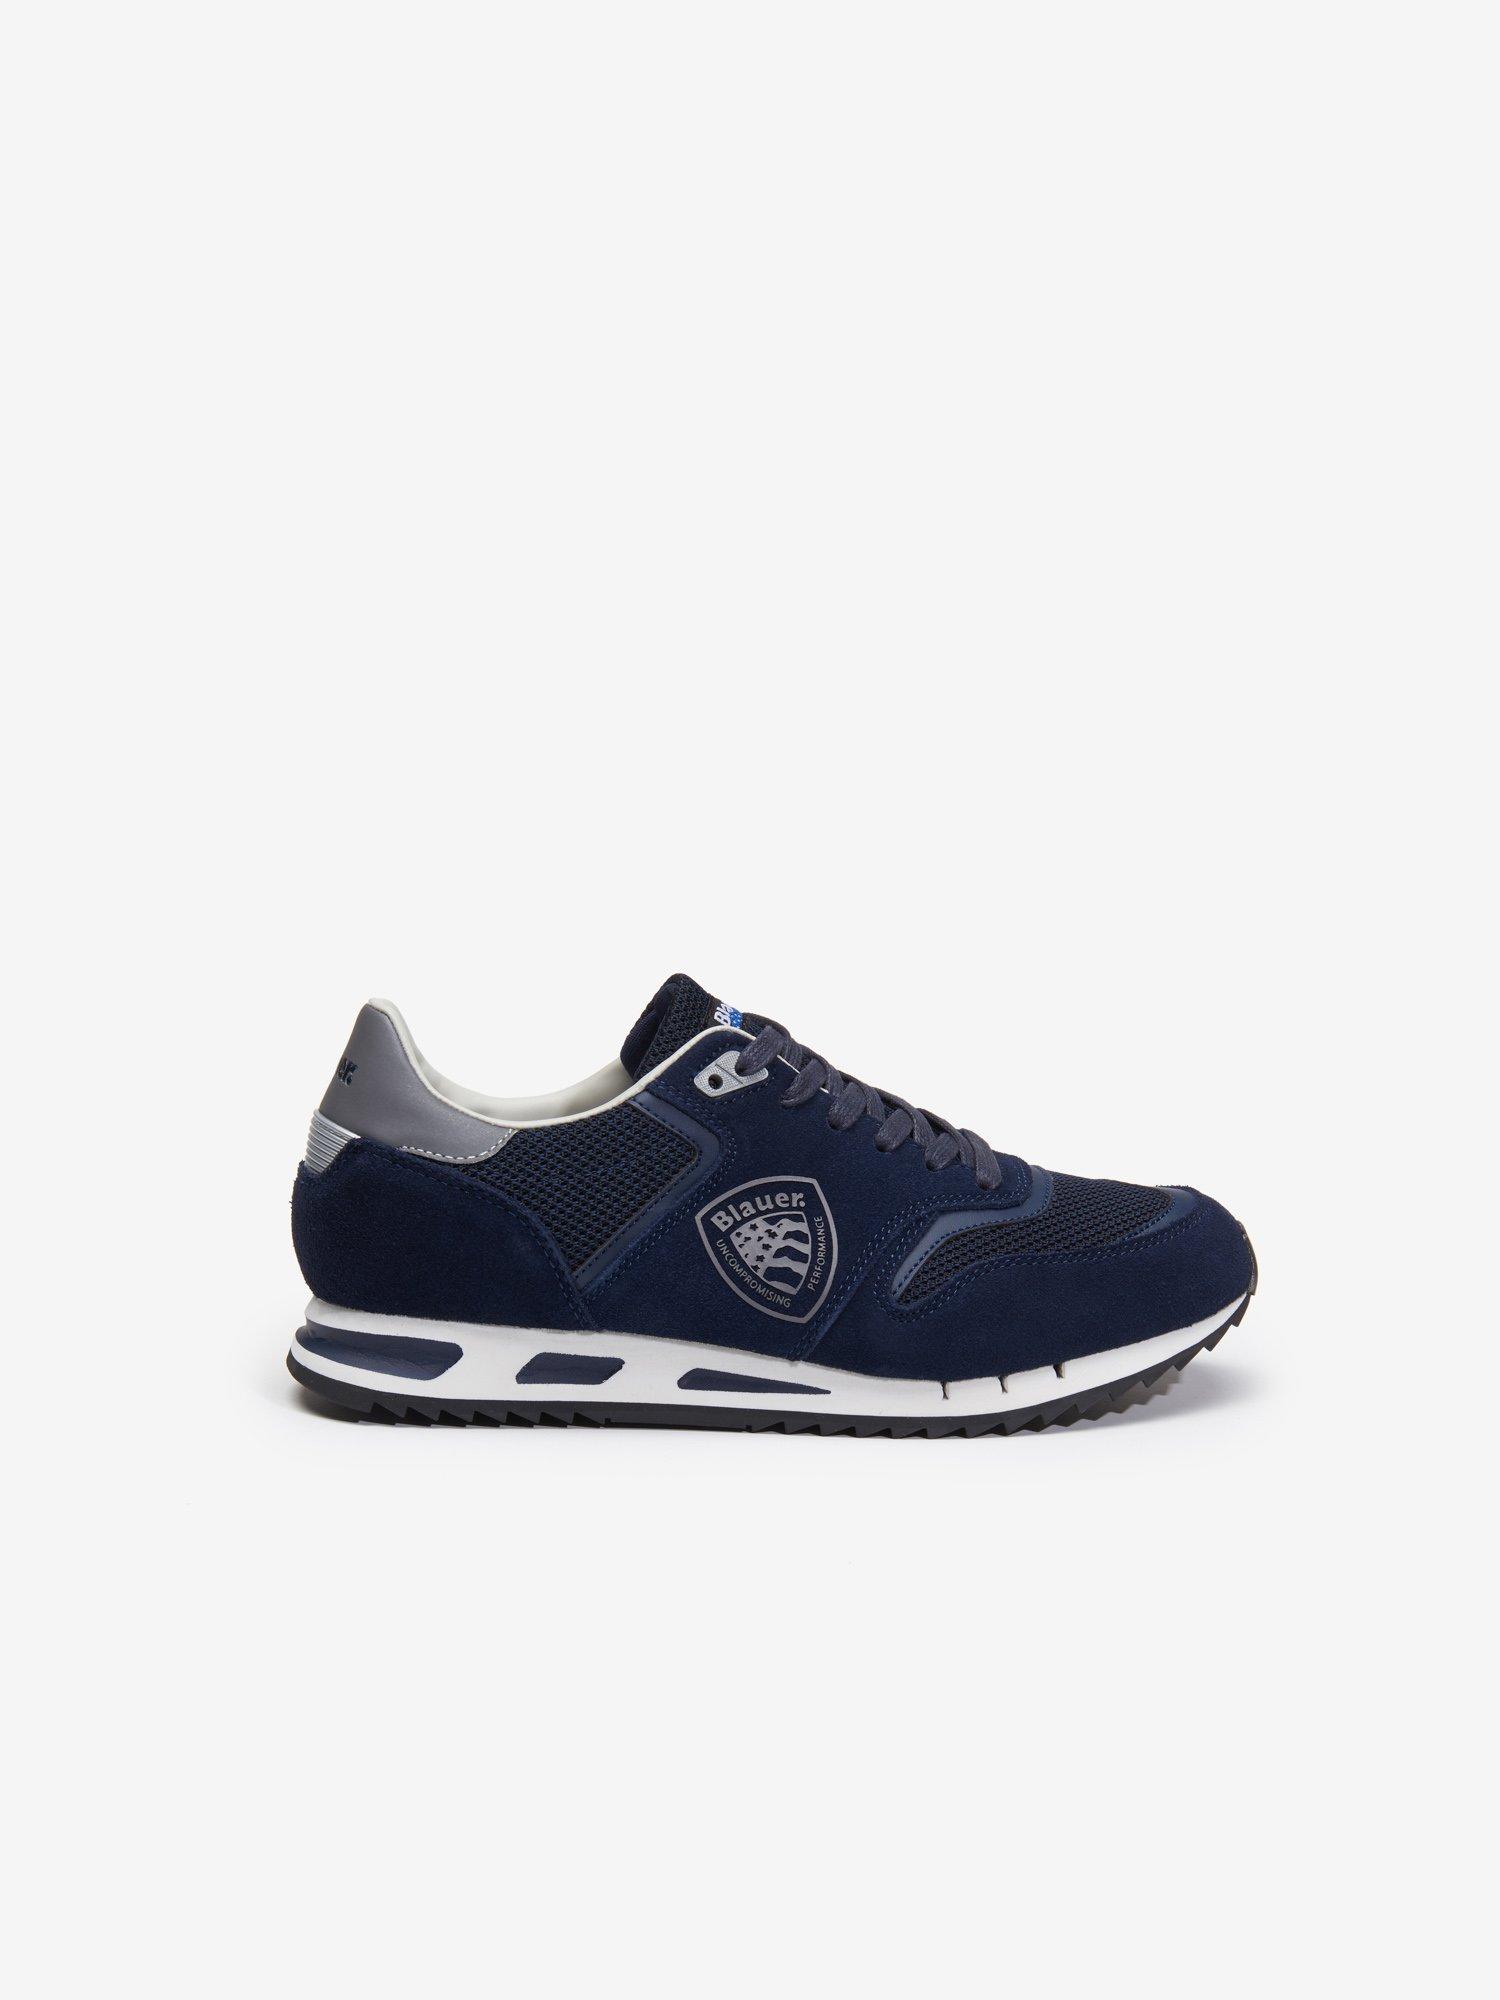 0997cd980dce2e Sneakers e Scarpe Uomo Blauer ® - Acquista Online | Blauer USA